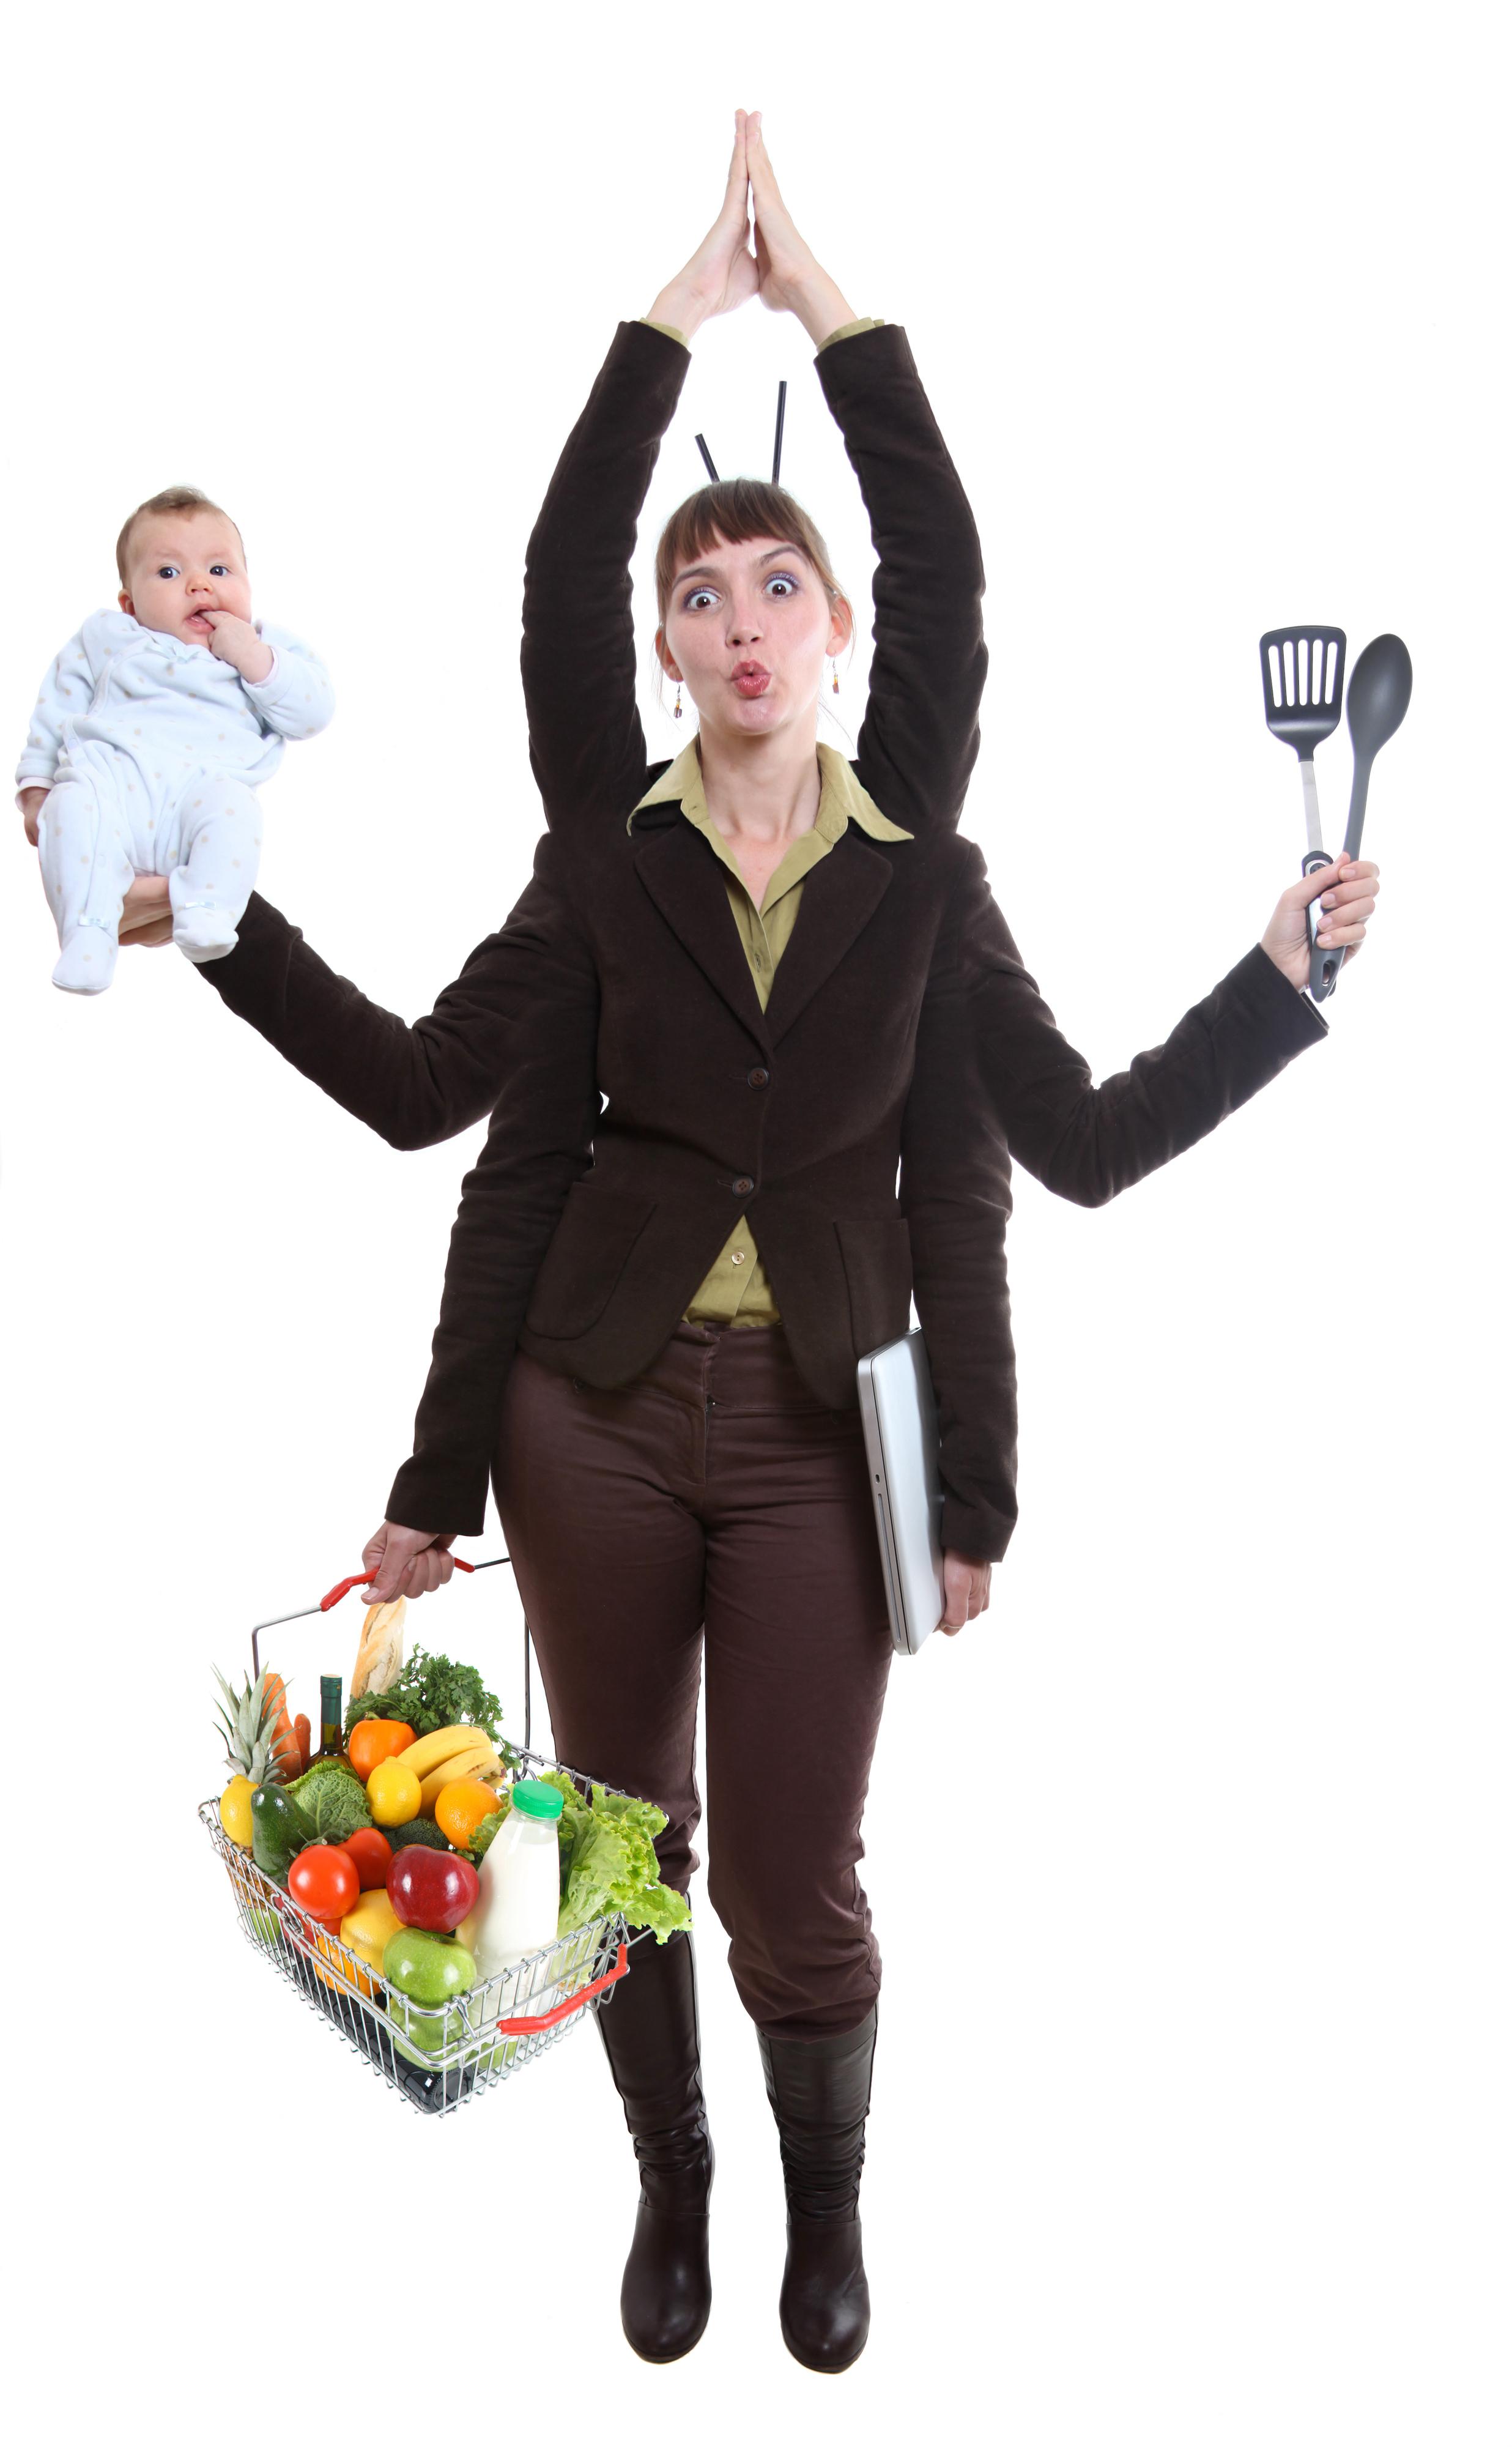 Pourquoi les femmes ont-elles moins de temps pour se former, acquérir des compétences et évoluer dans leur carrière professionnelle ?